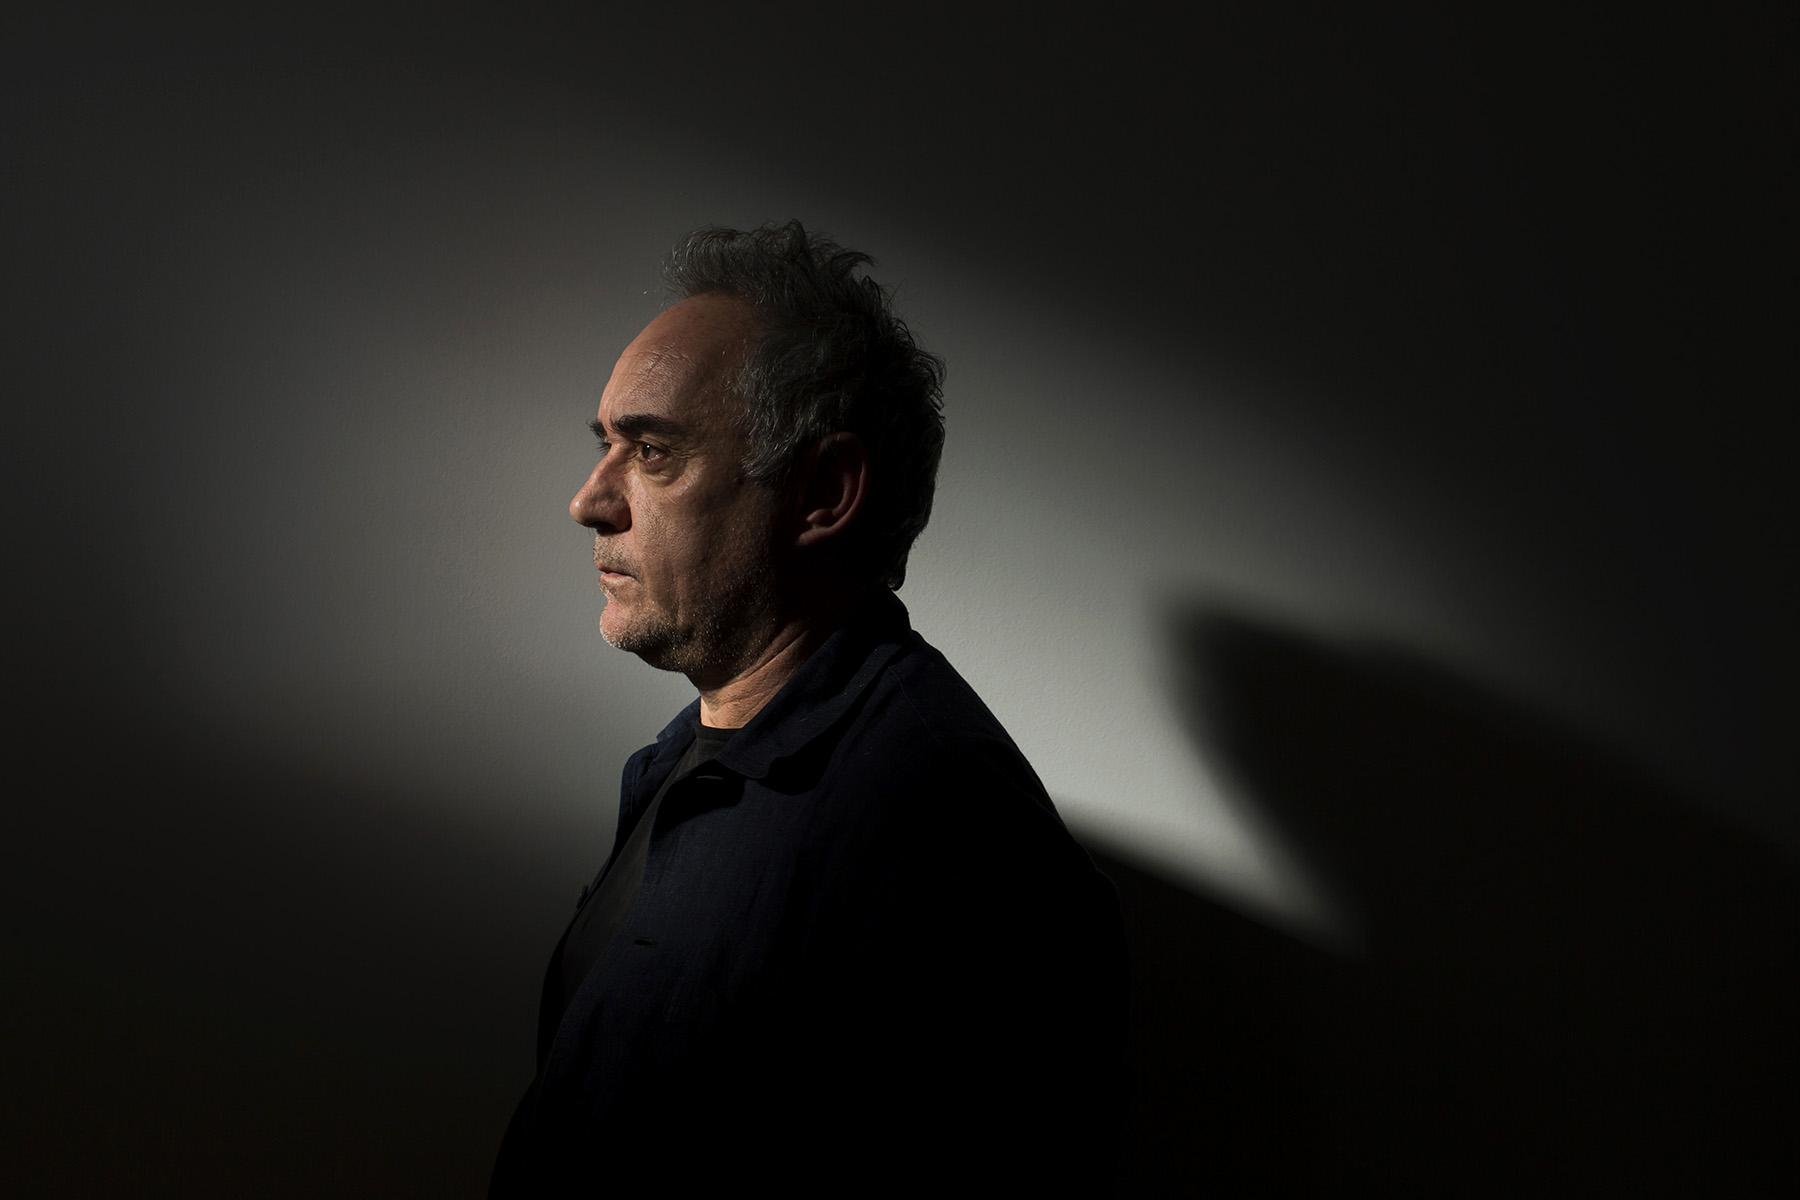 Entrevista de Domingo al Chef Ferran Adria en el BulliLab©  Alberto R. Roldan / Diario La Razon06 02 2017